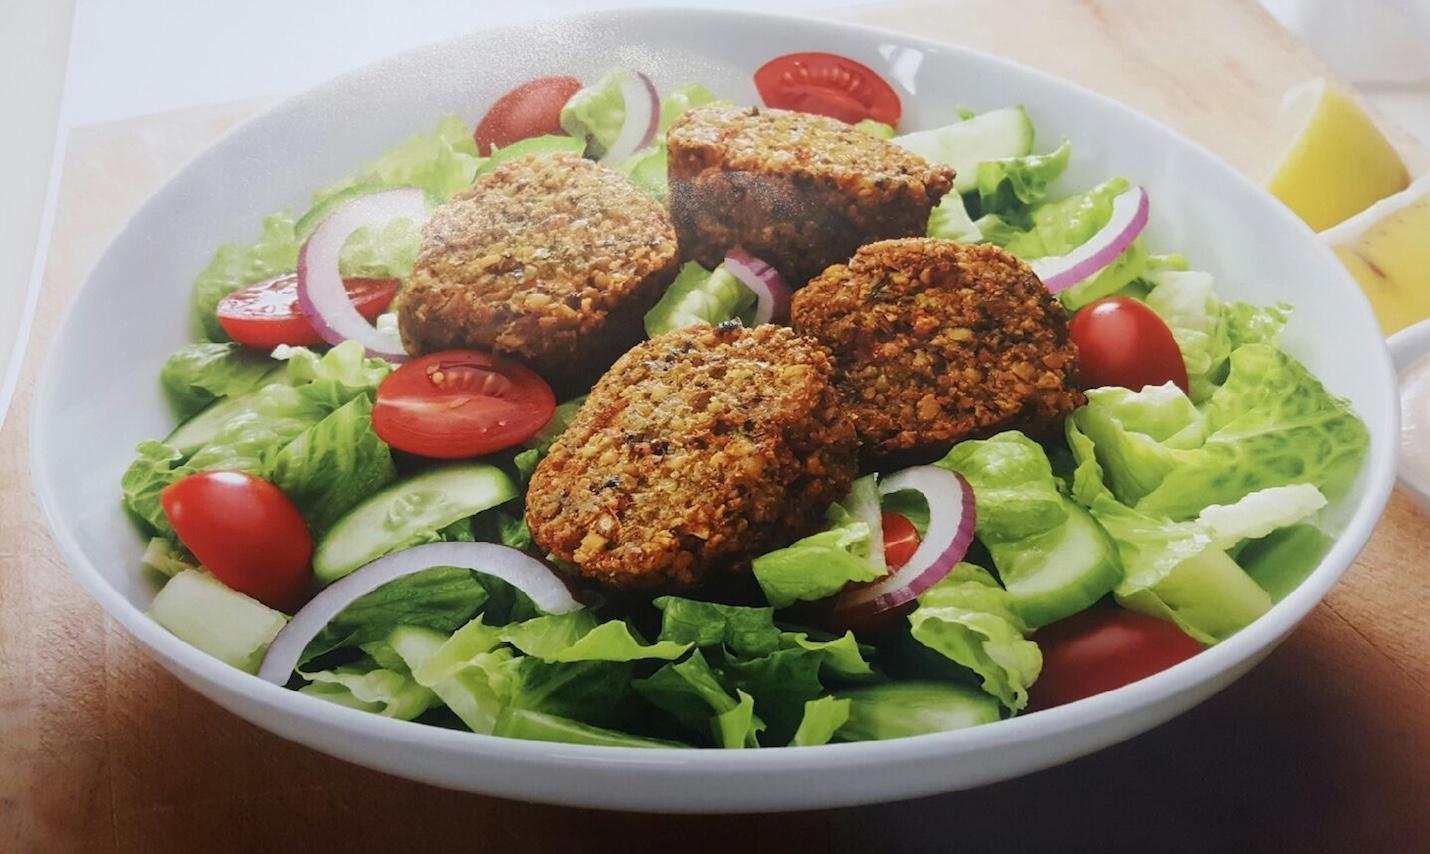 Grecian Food Service